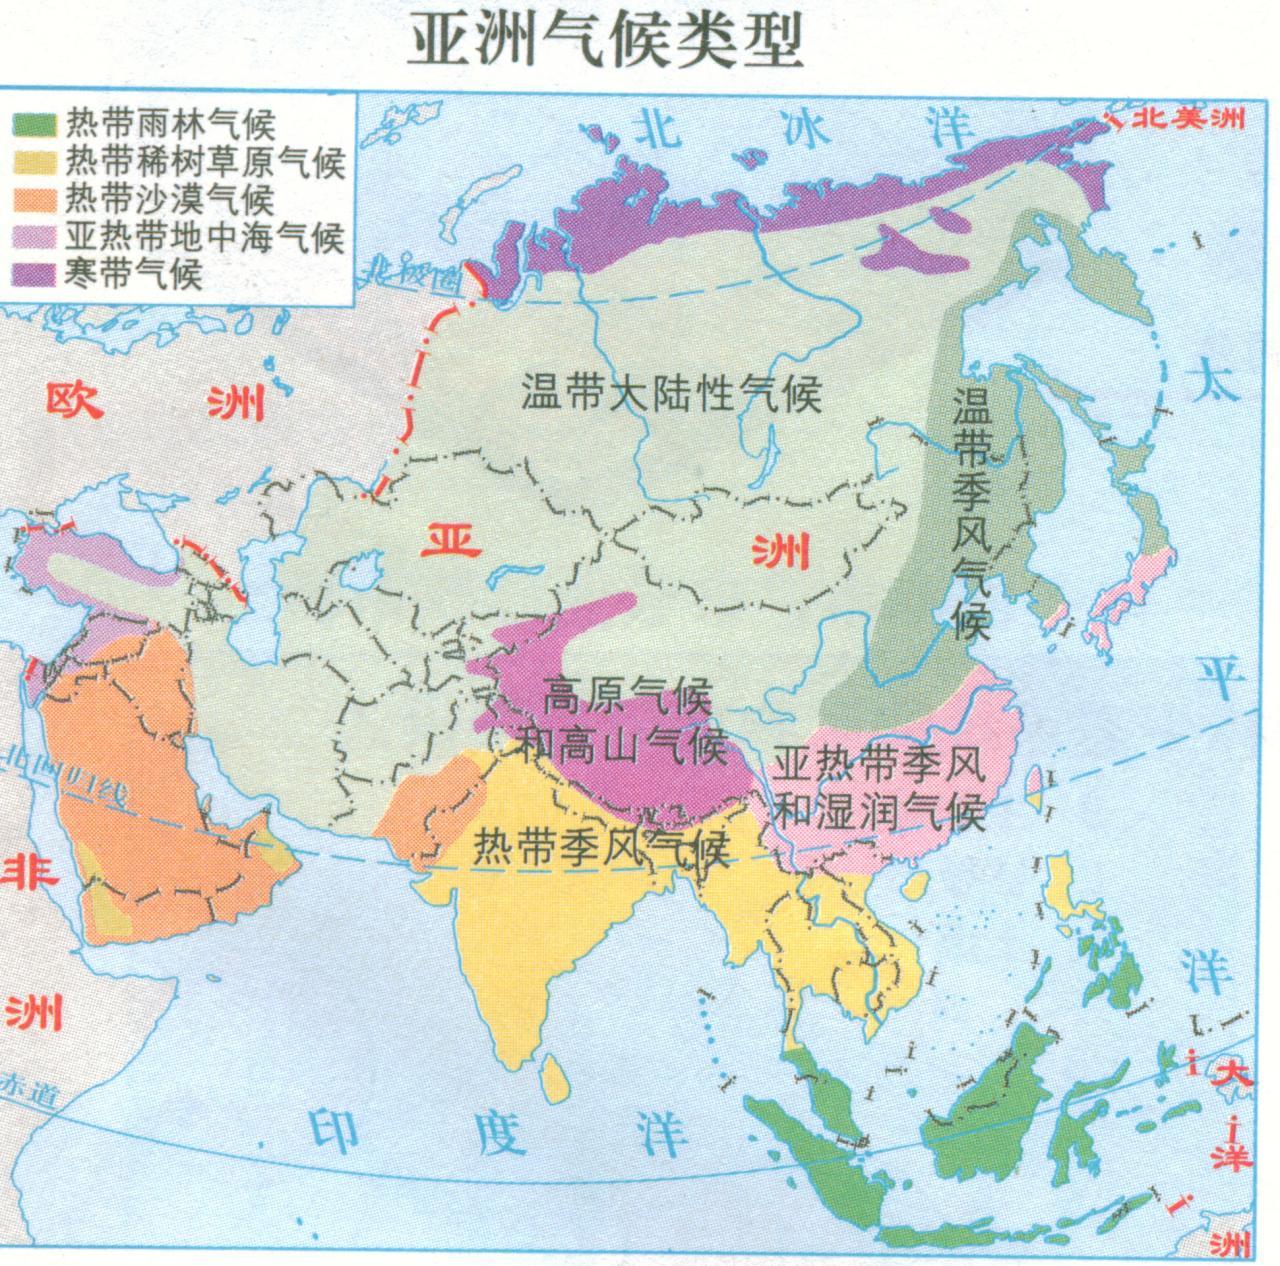 亚洲高清图_亚洲不同气候类型下的风土人情